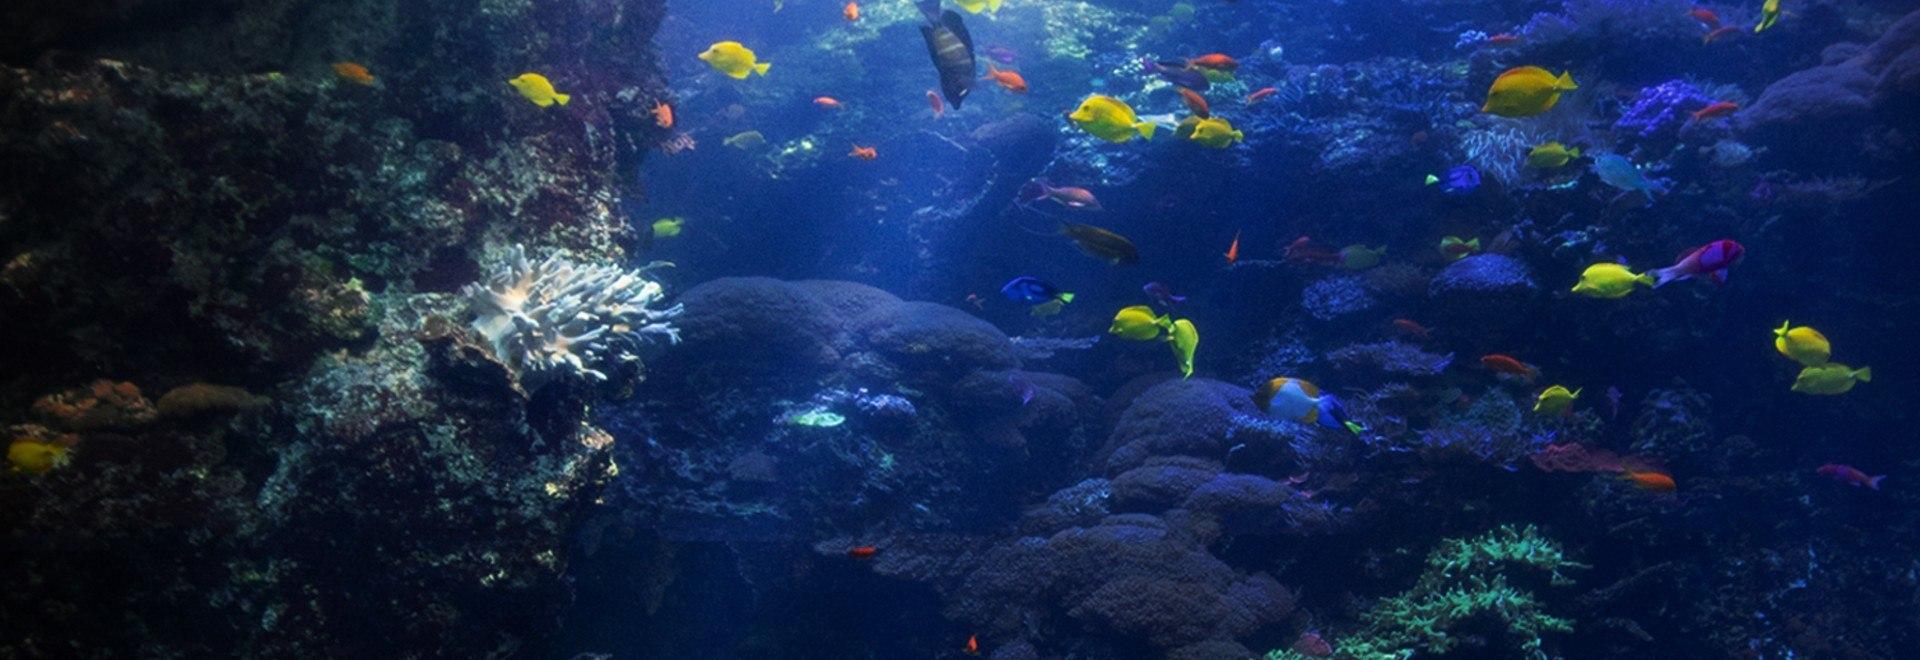 SOS Barriera corallina